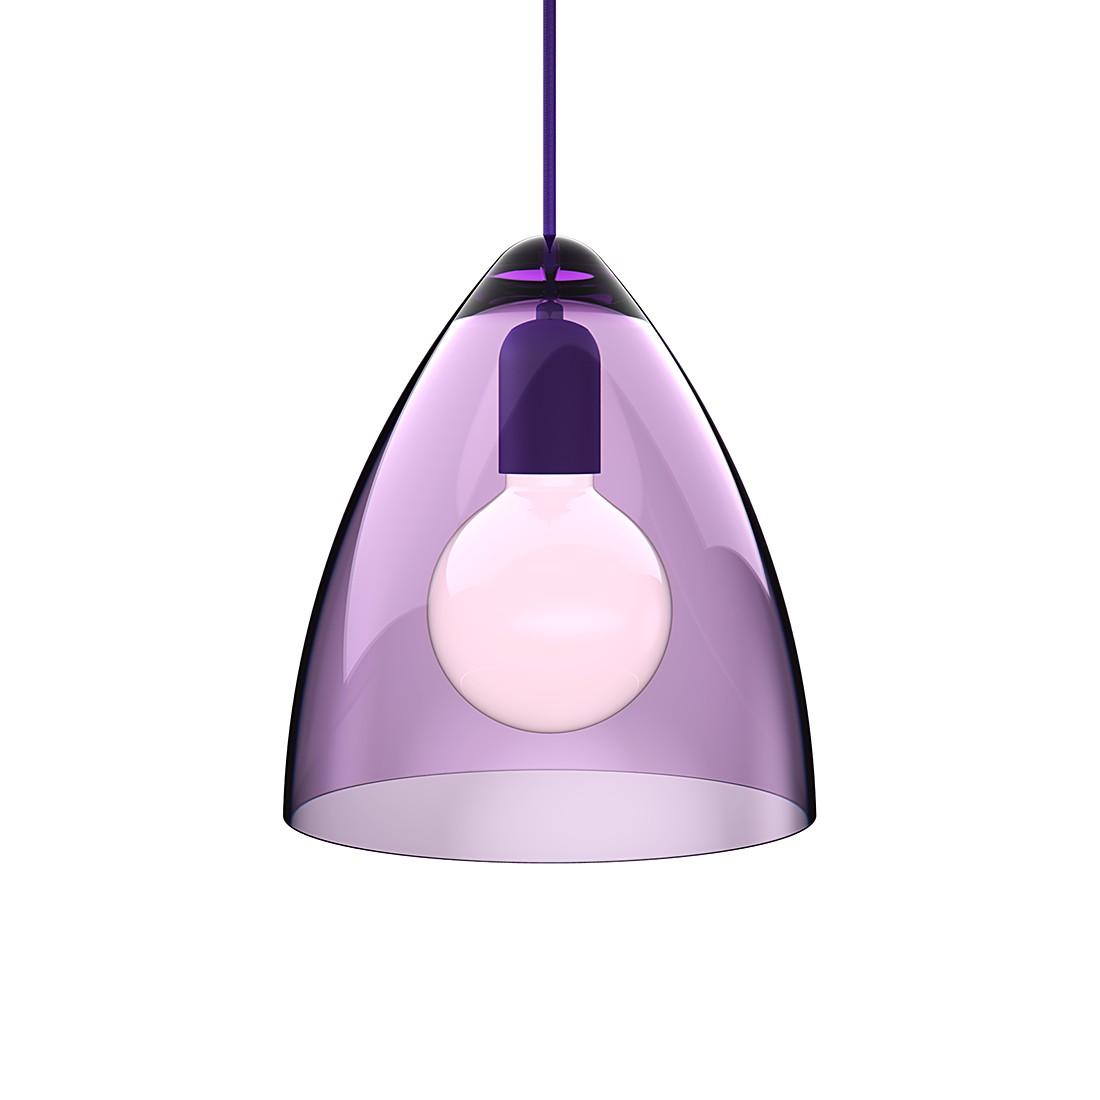 Pendelleuchte Funk – Acrylglas/Textil – Transparent Lila/Lila – Durchmesser 27 cm, Nordlux günstig